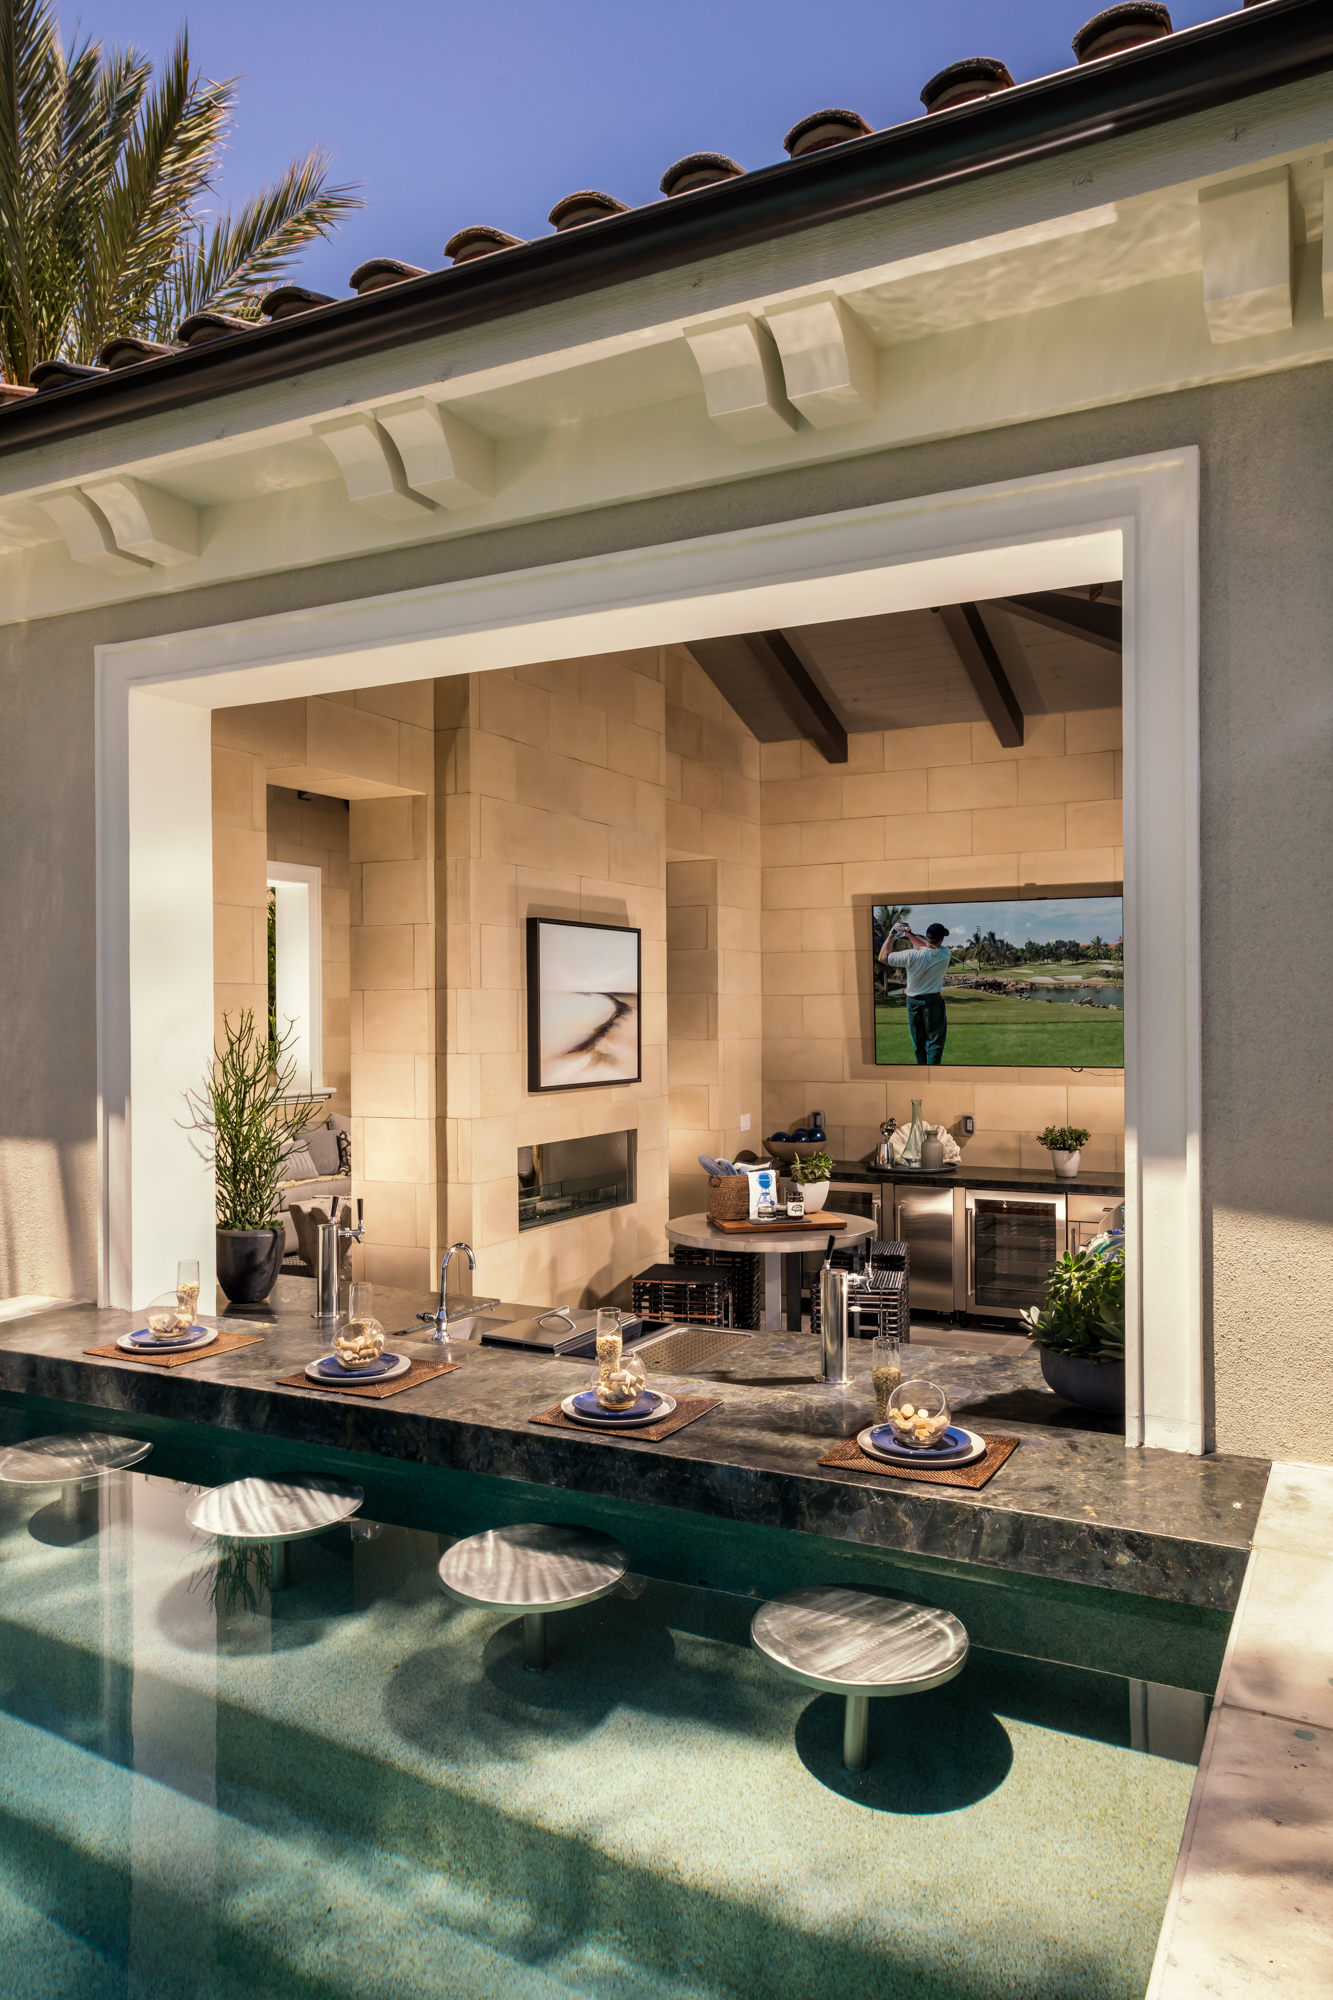 Marbella-Santa Monica_Pool House Barstools.jpg